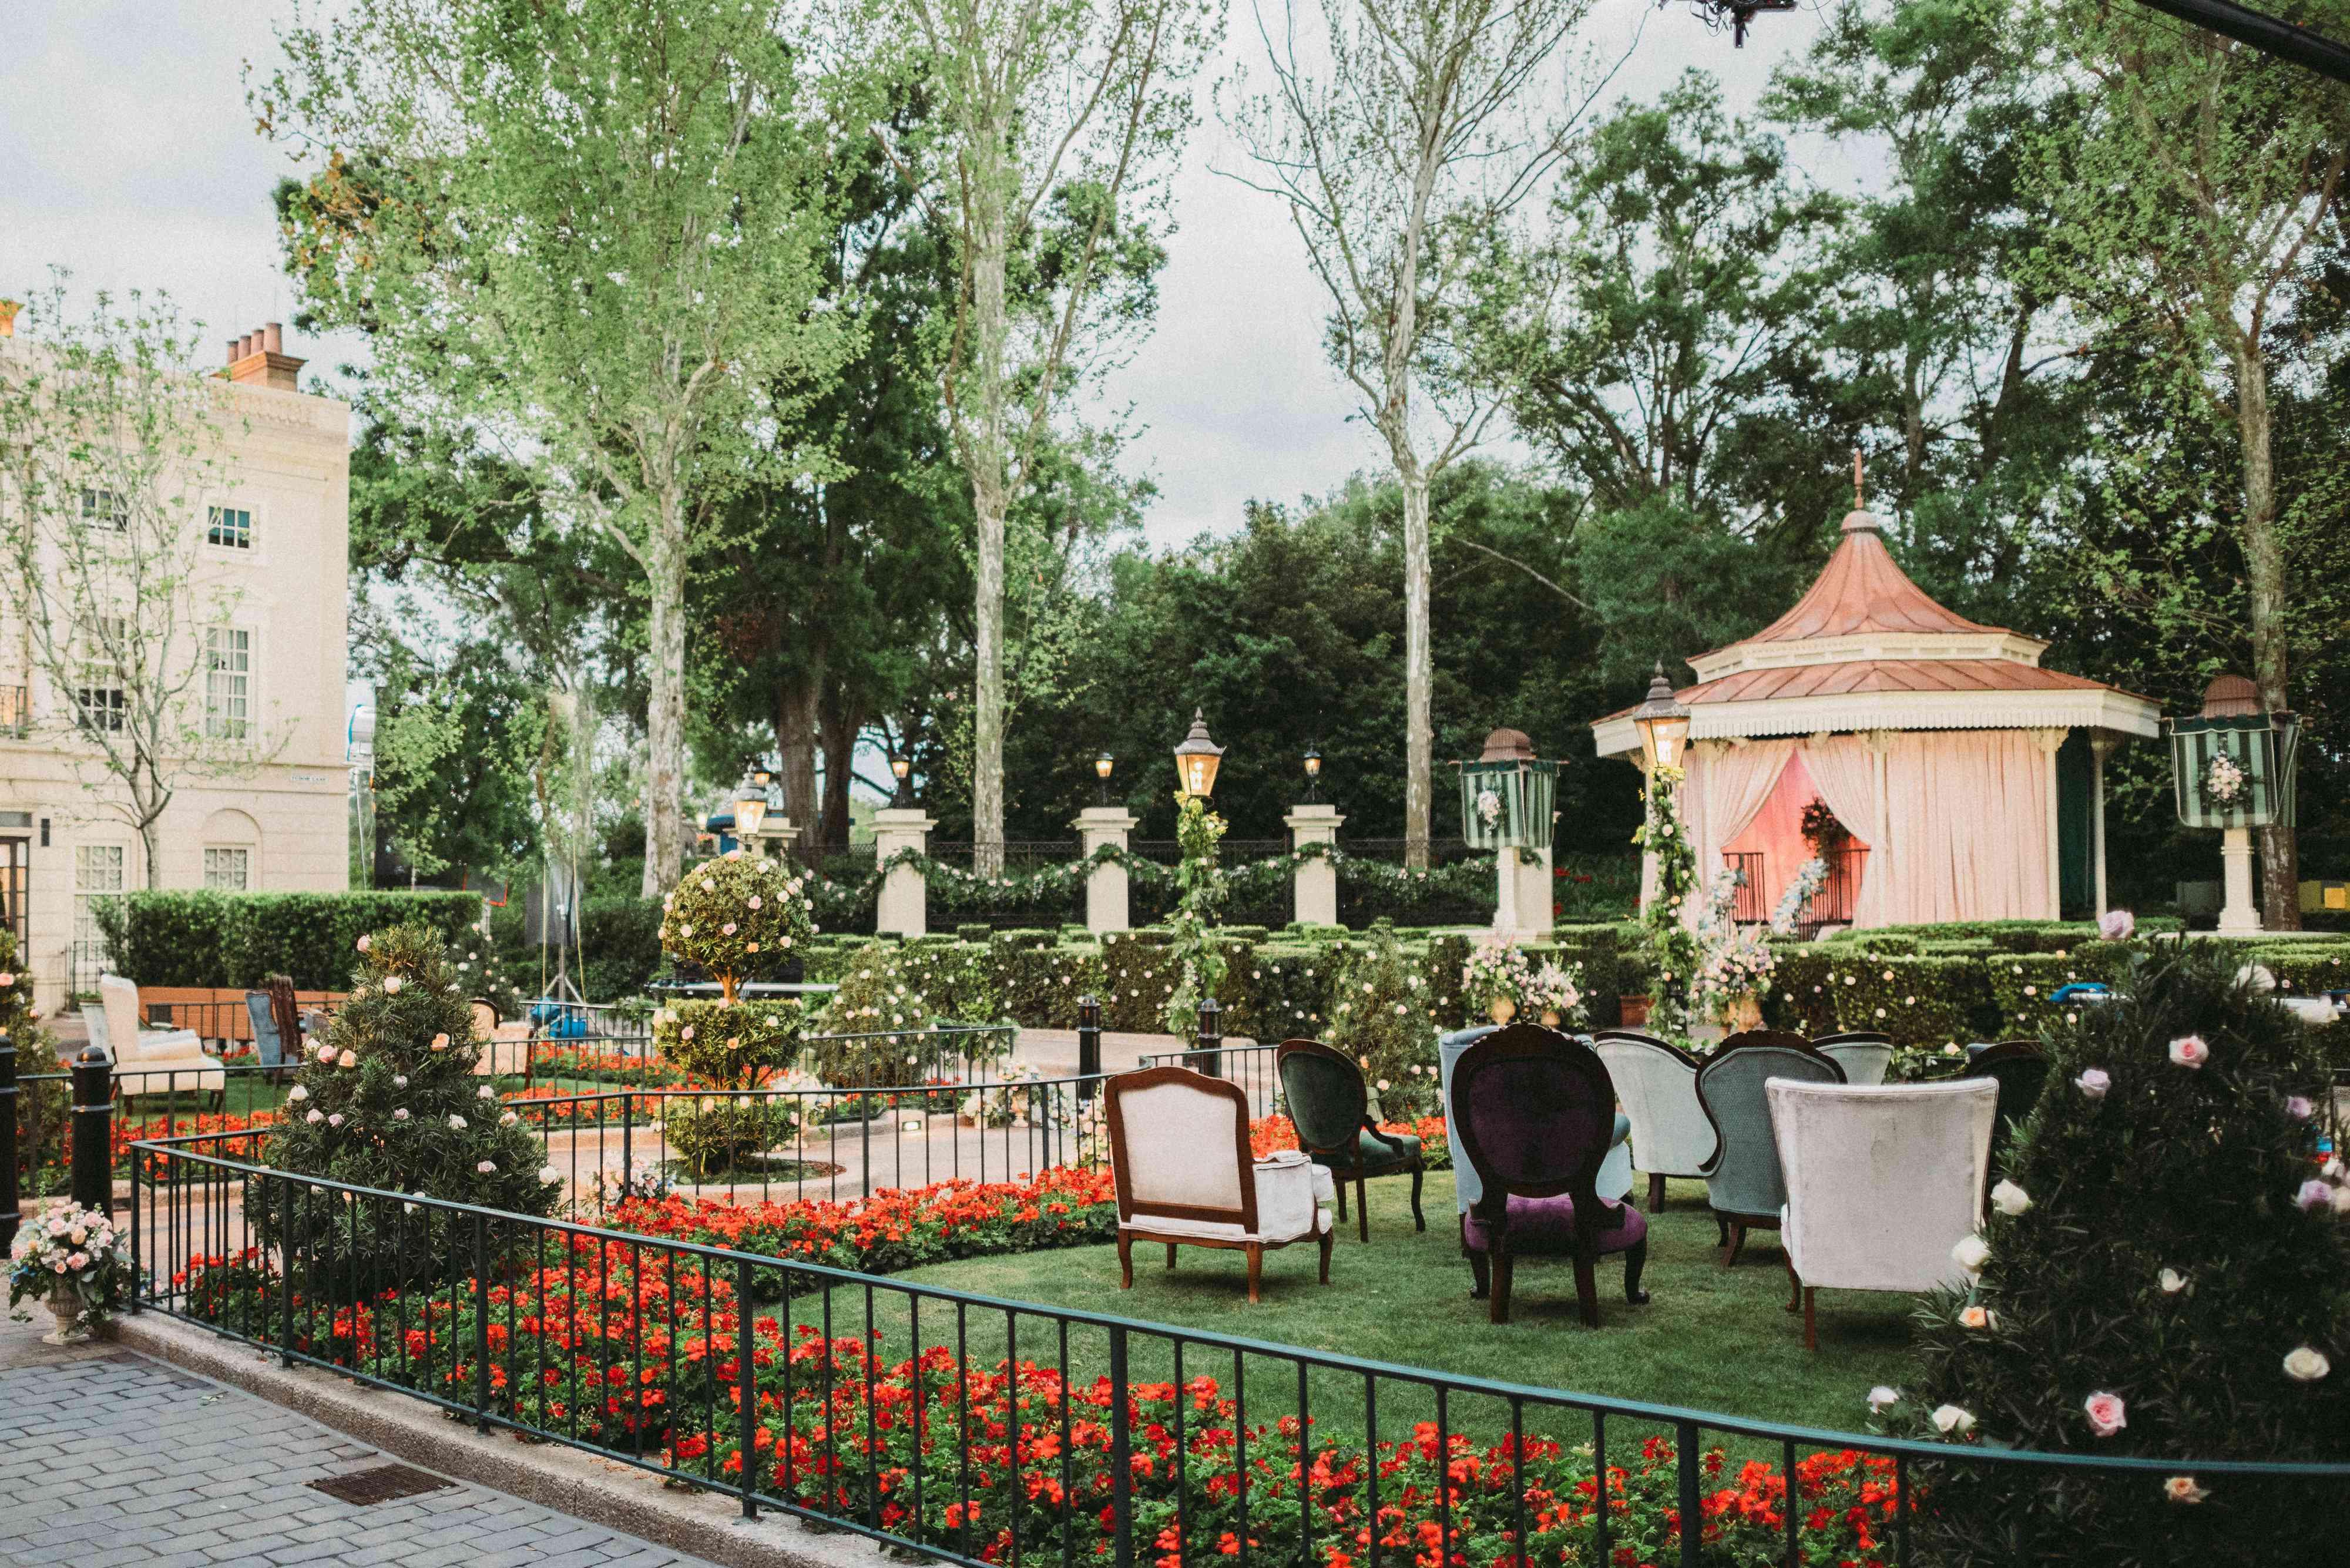 A garden set up for a wedding reception.